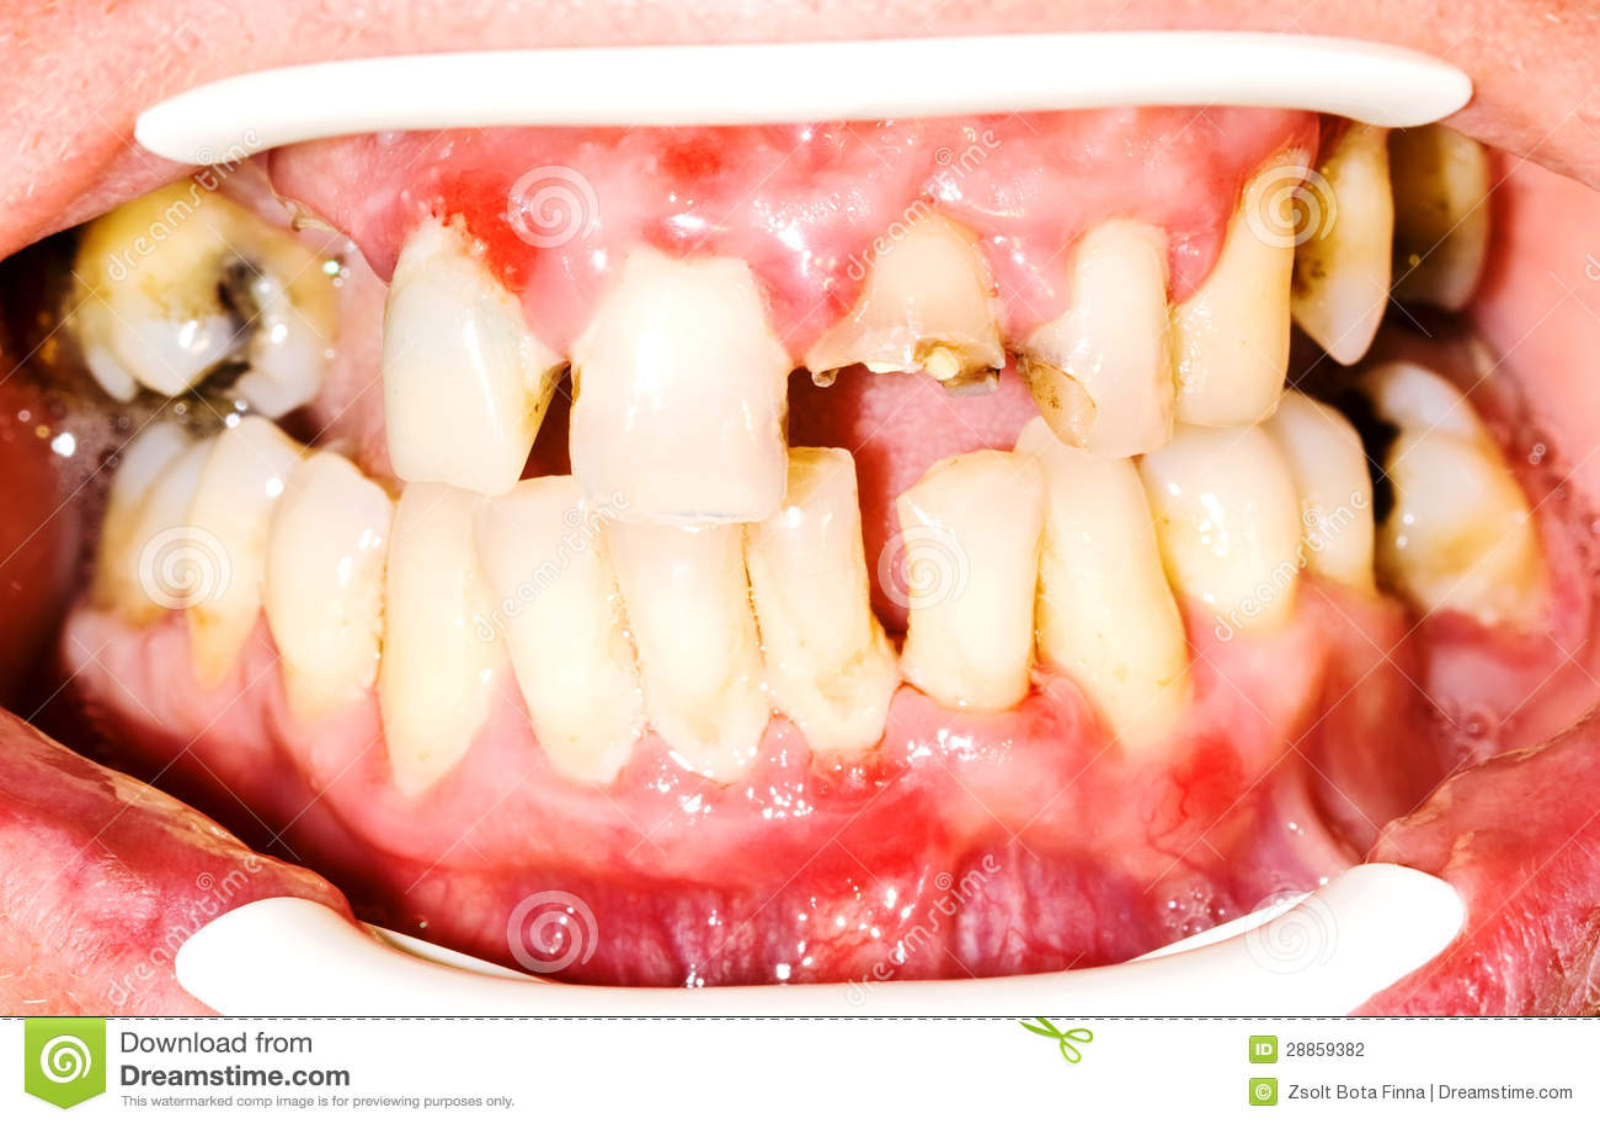 Δόντια Unhealhty